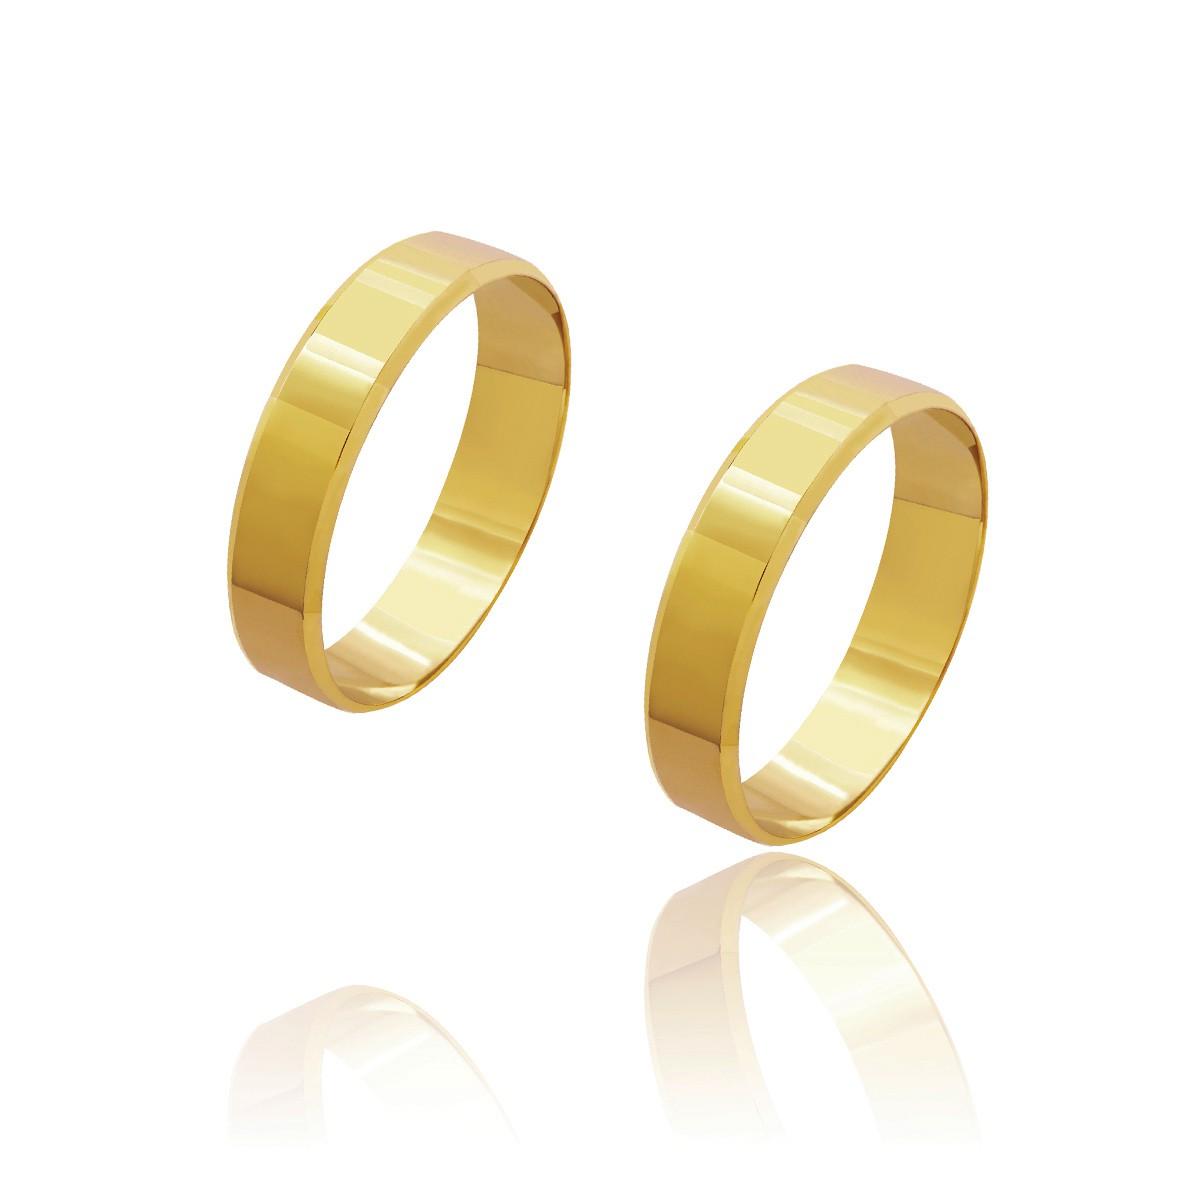 Par de Alianças de Casamento Cronos Ouro 18k Laterais Chanfradas 4,6mm 5g